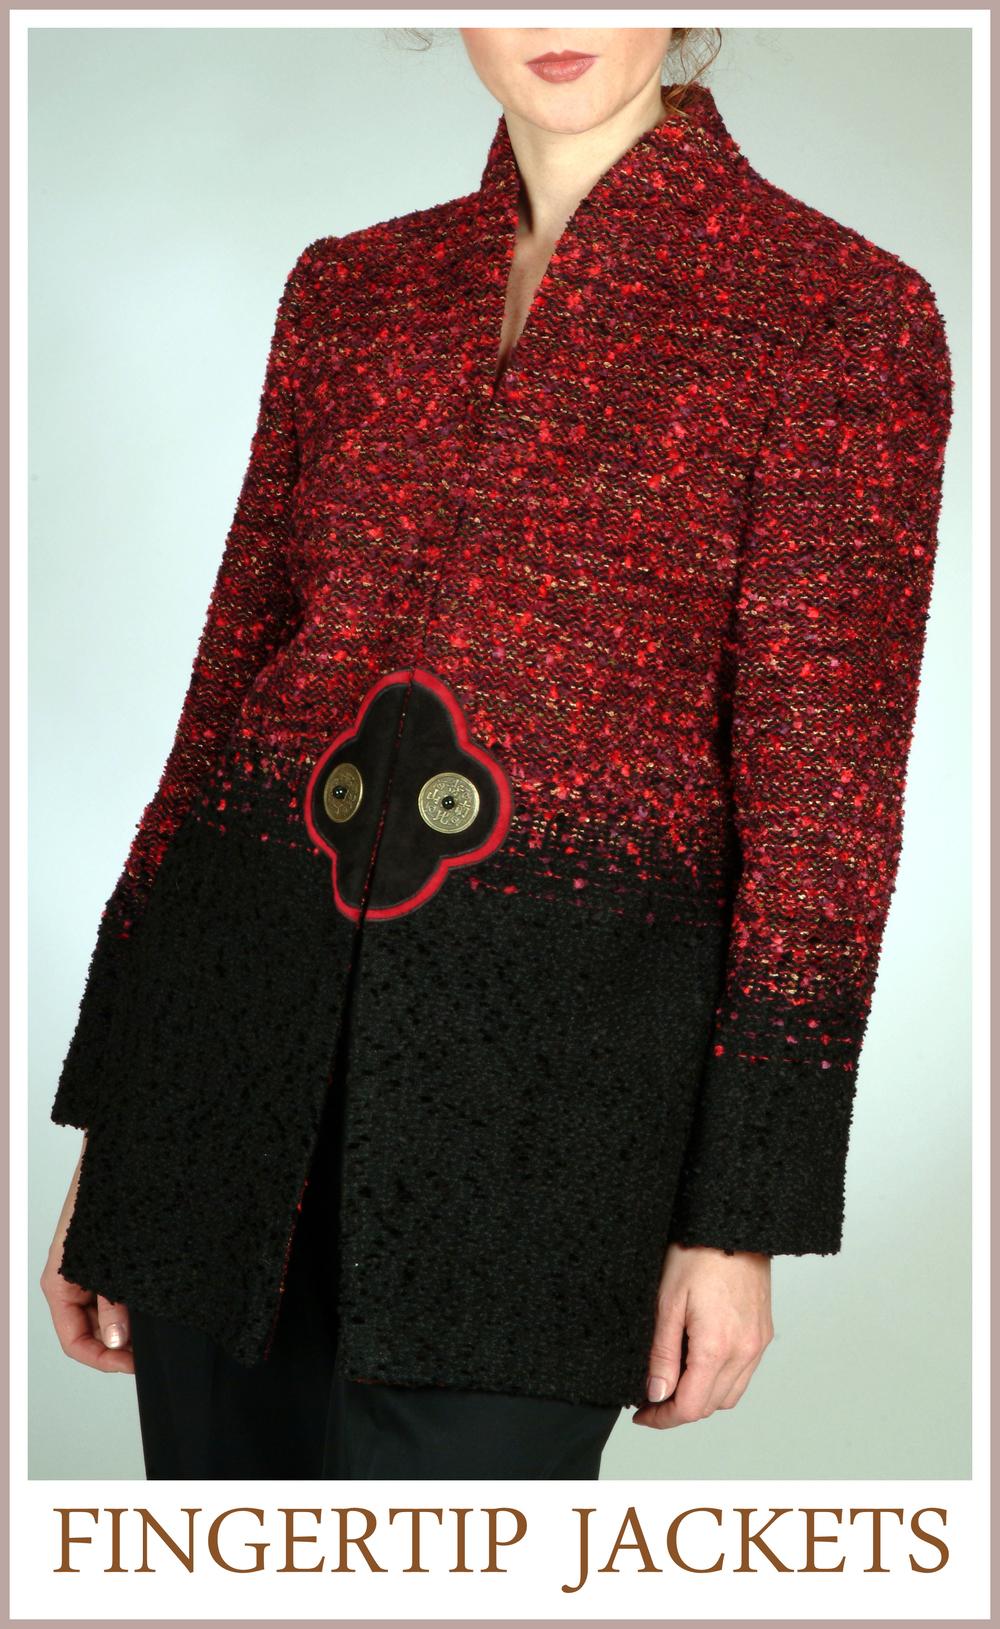 Kathy Weir-West, Artist, Weaver, Fashion Designer 3a.jpg